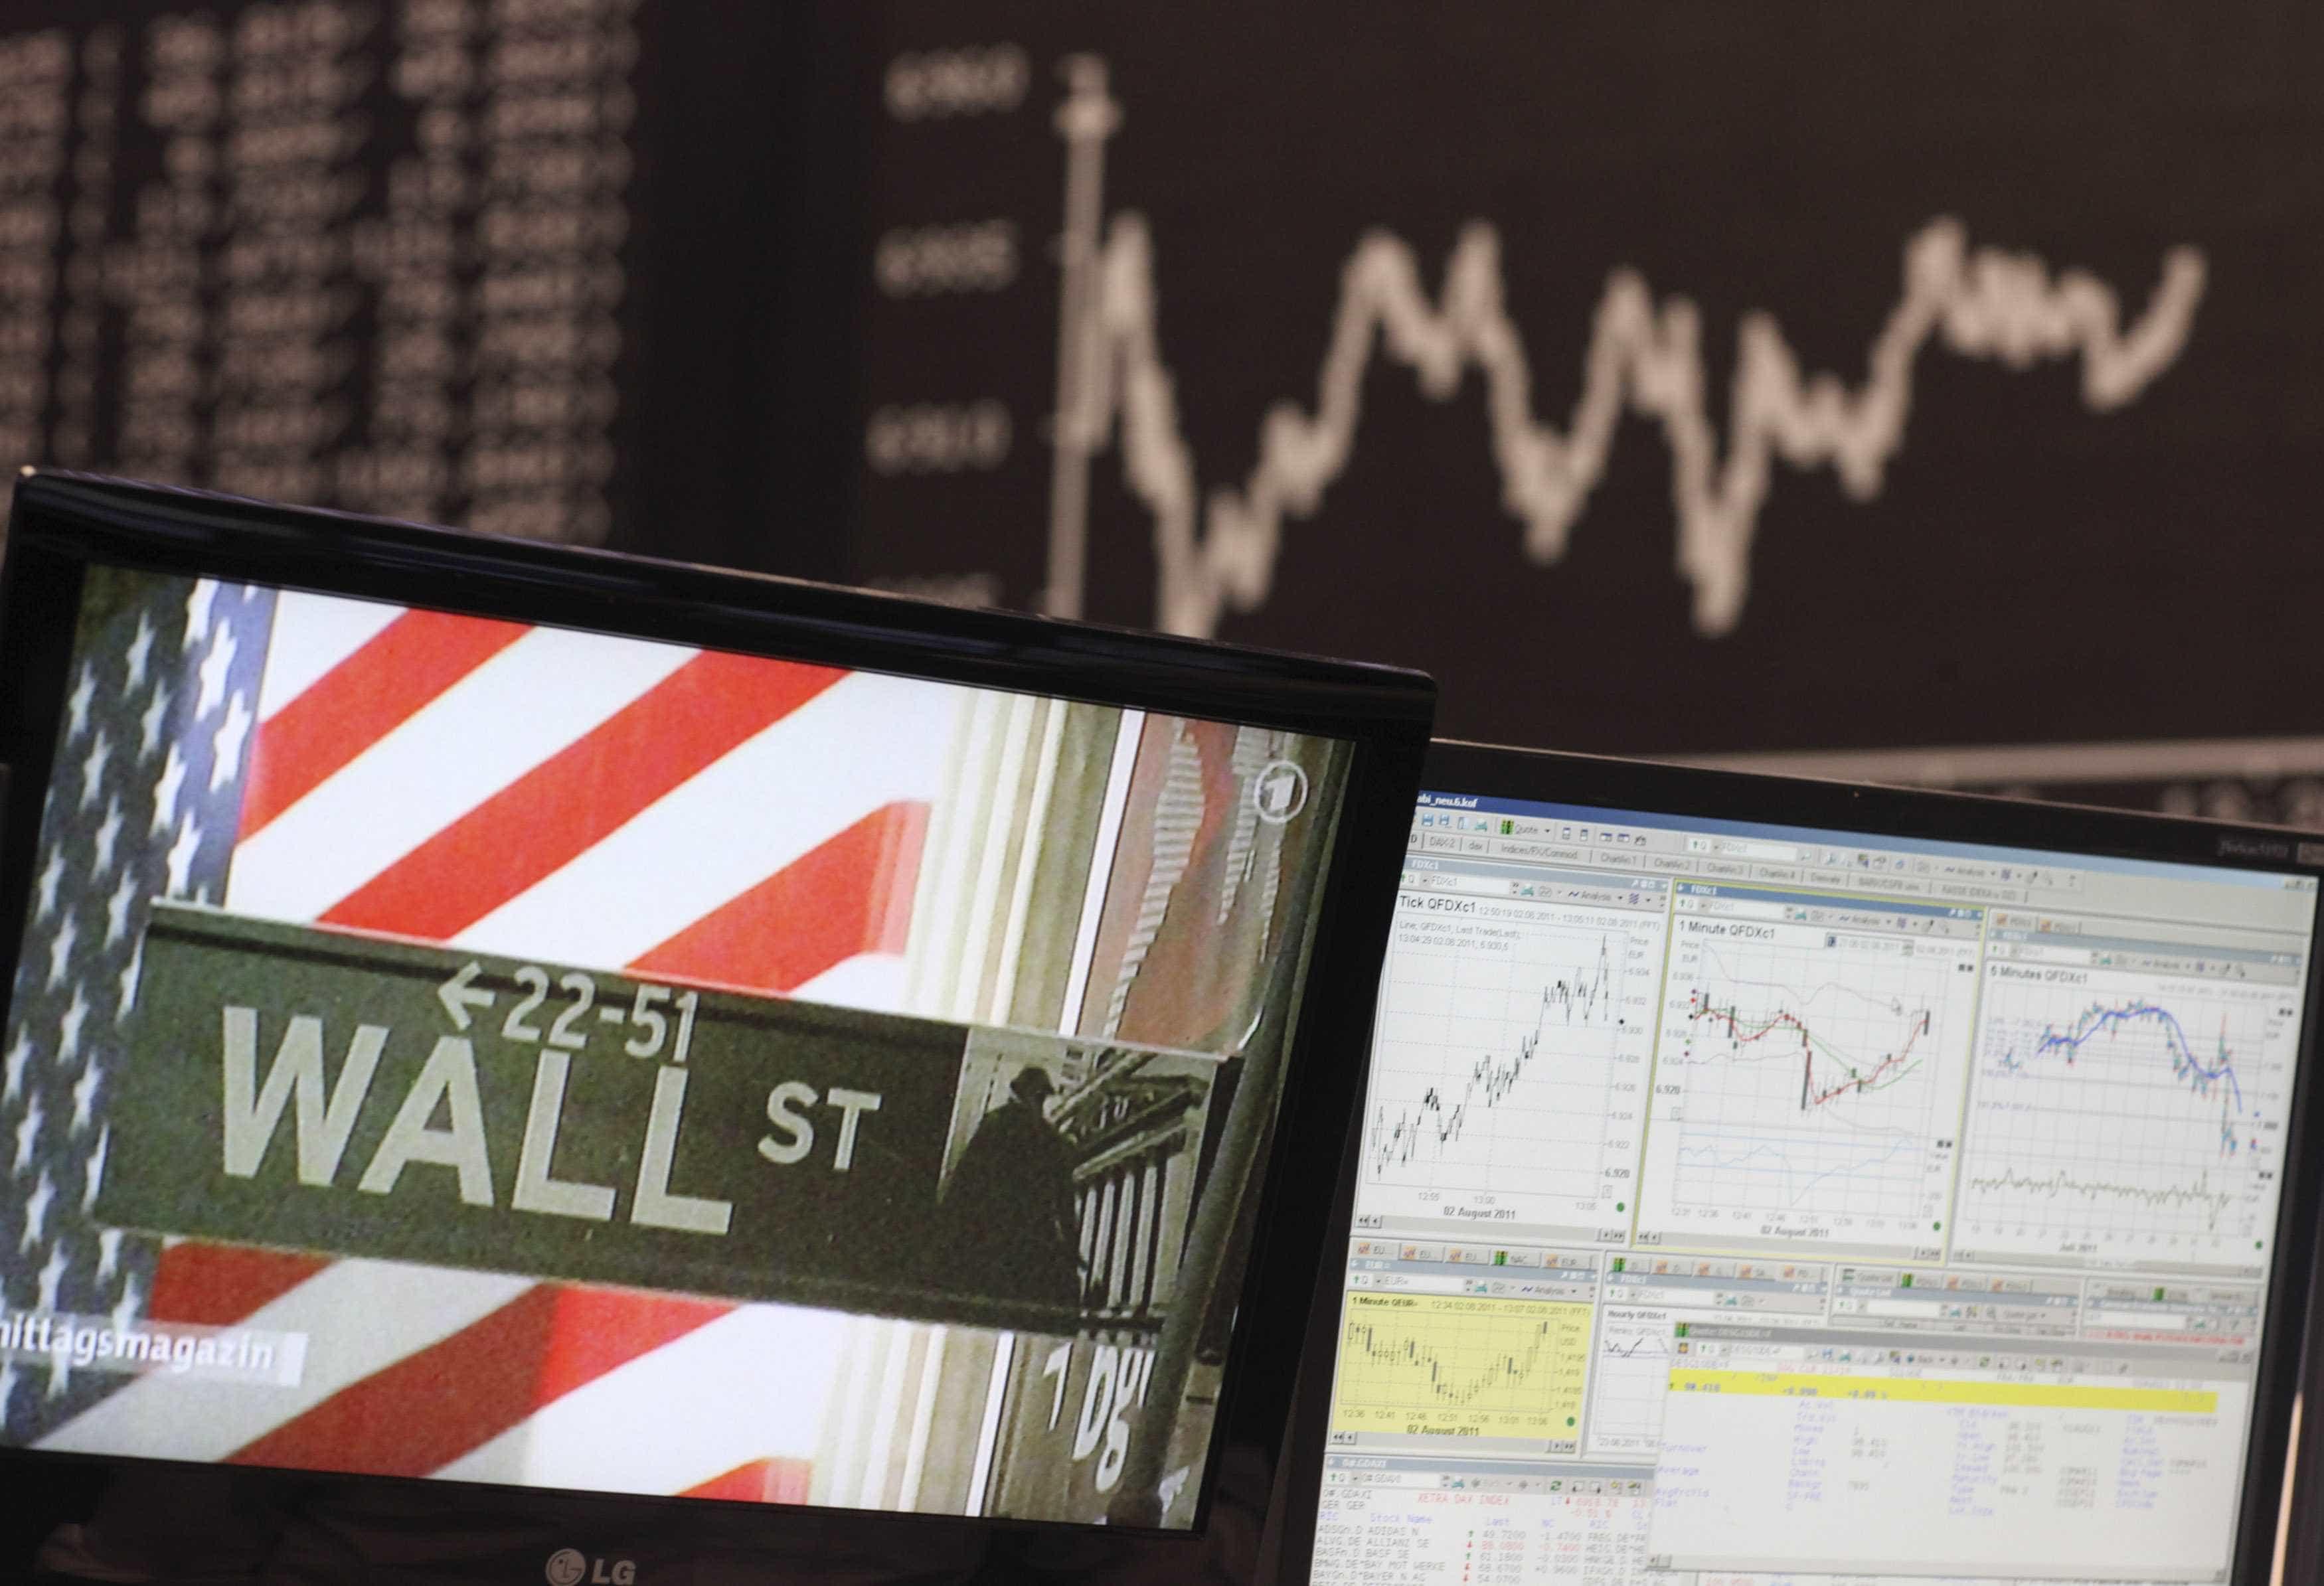 Wall Street fecha em forte baixa devido a preocupação com economia